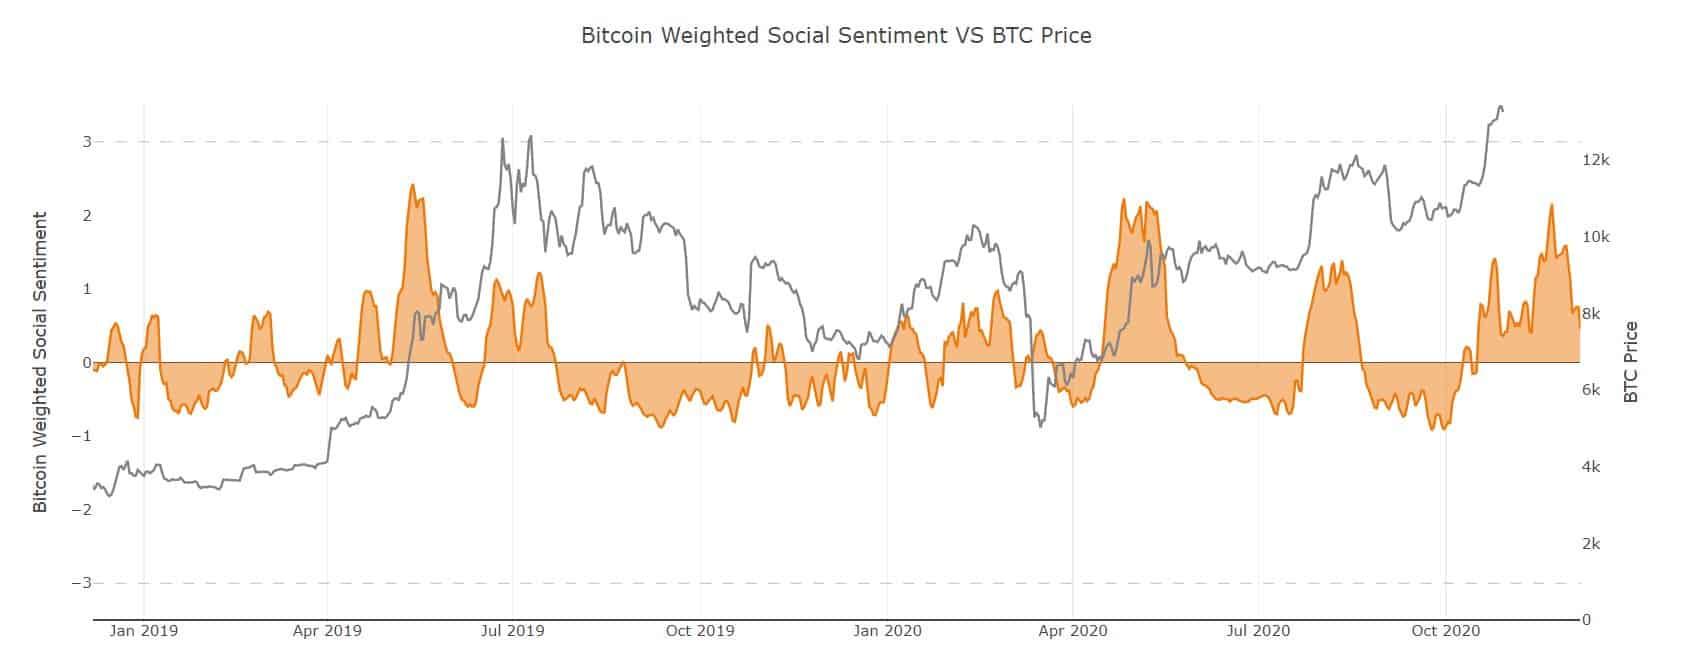 Bitcoin Price vs. Social Volume. Source: Santiment